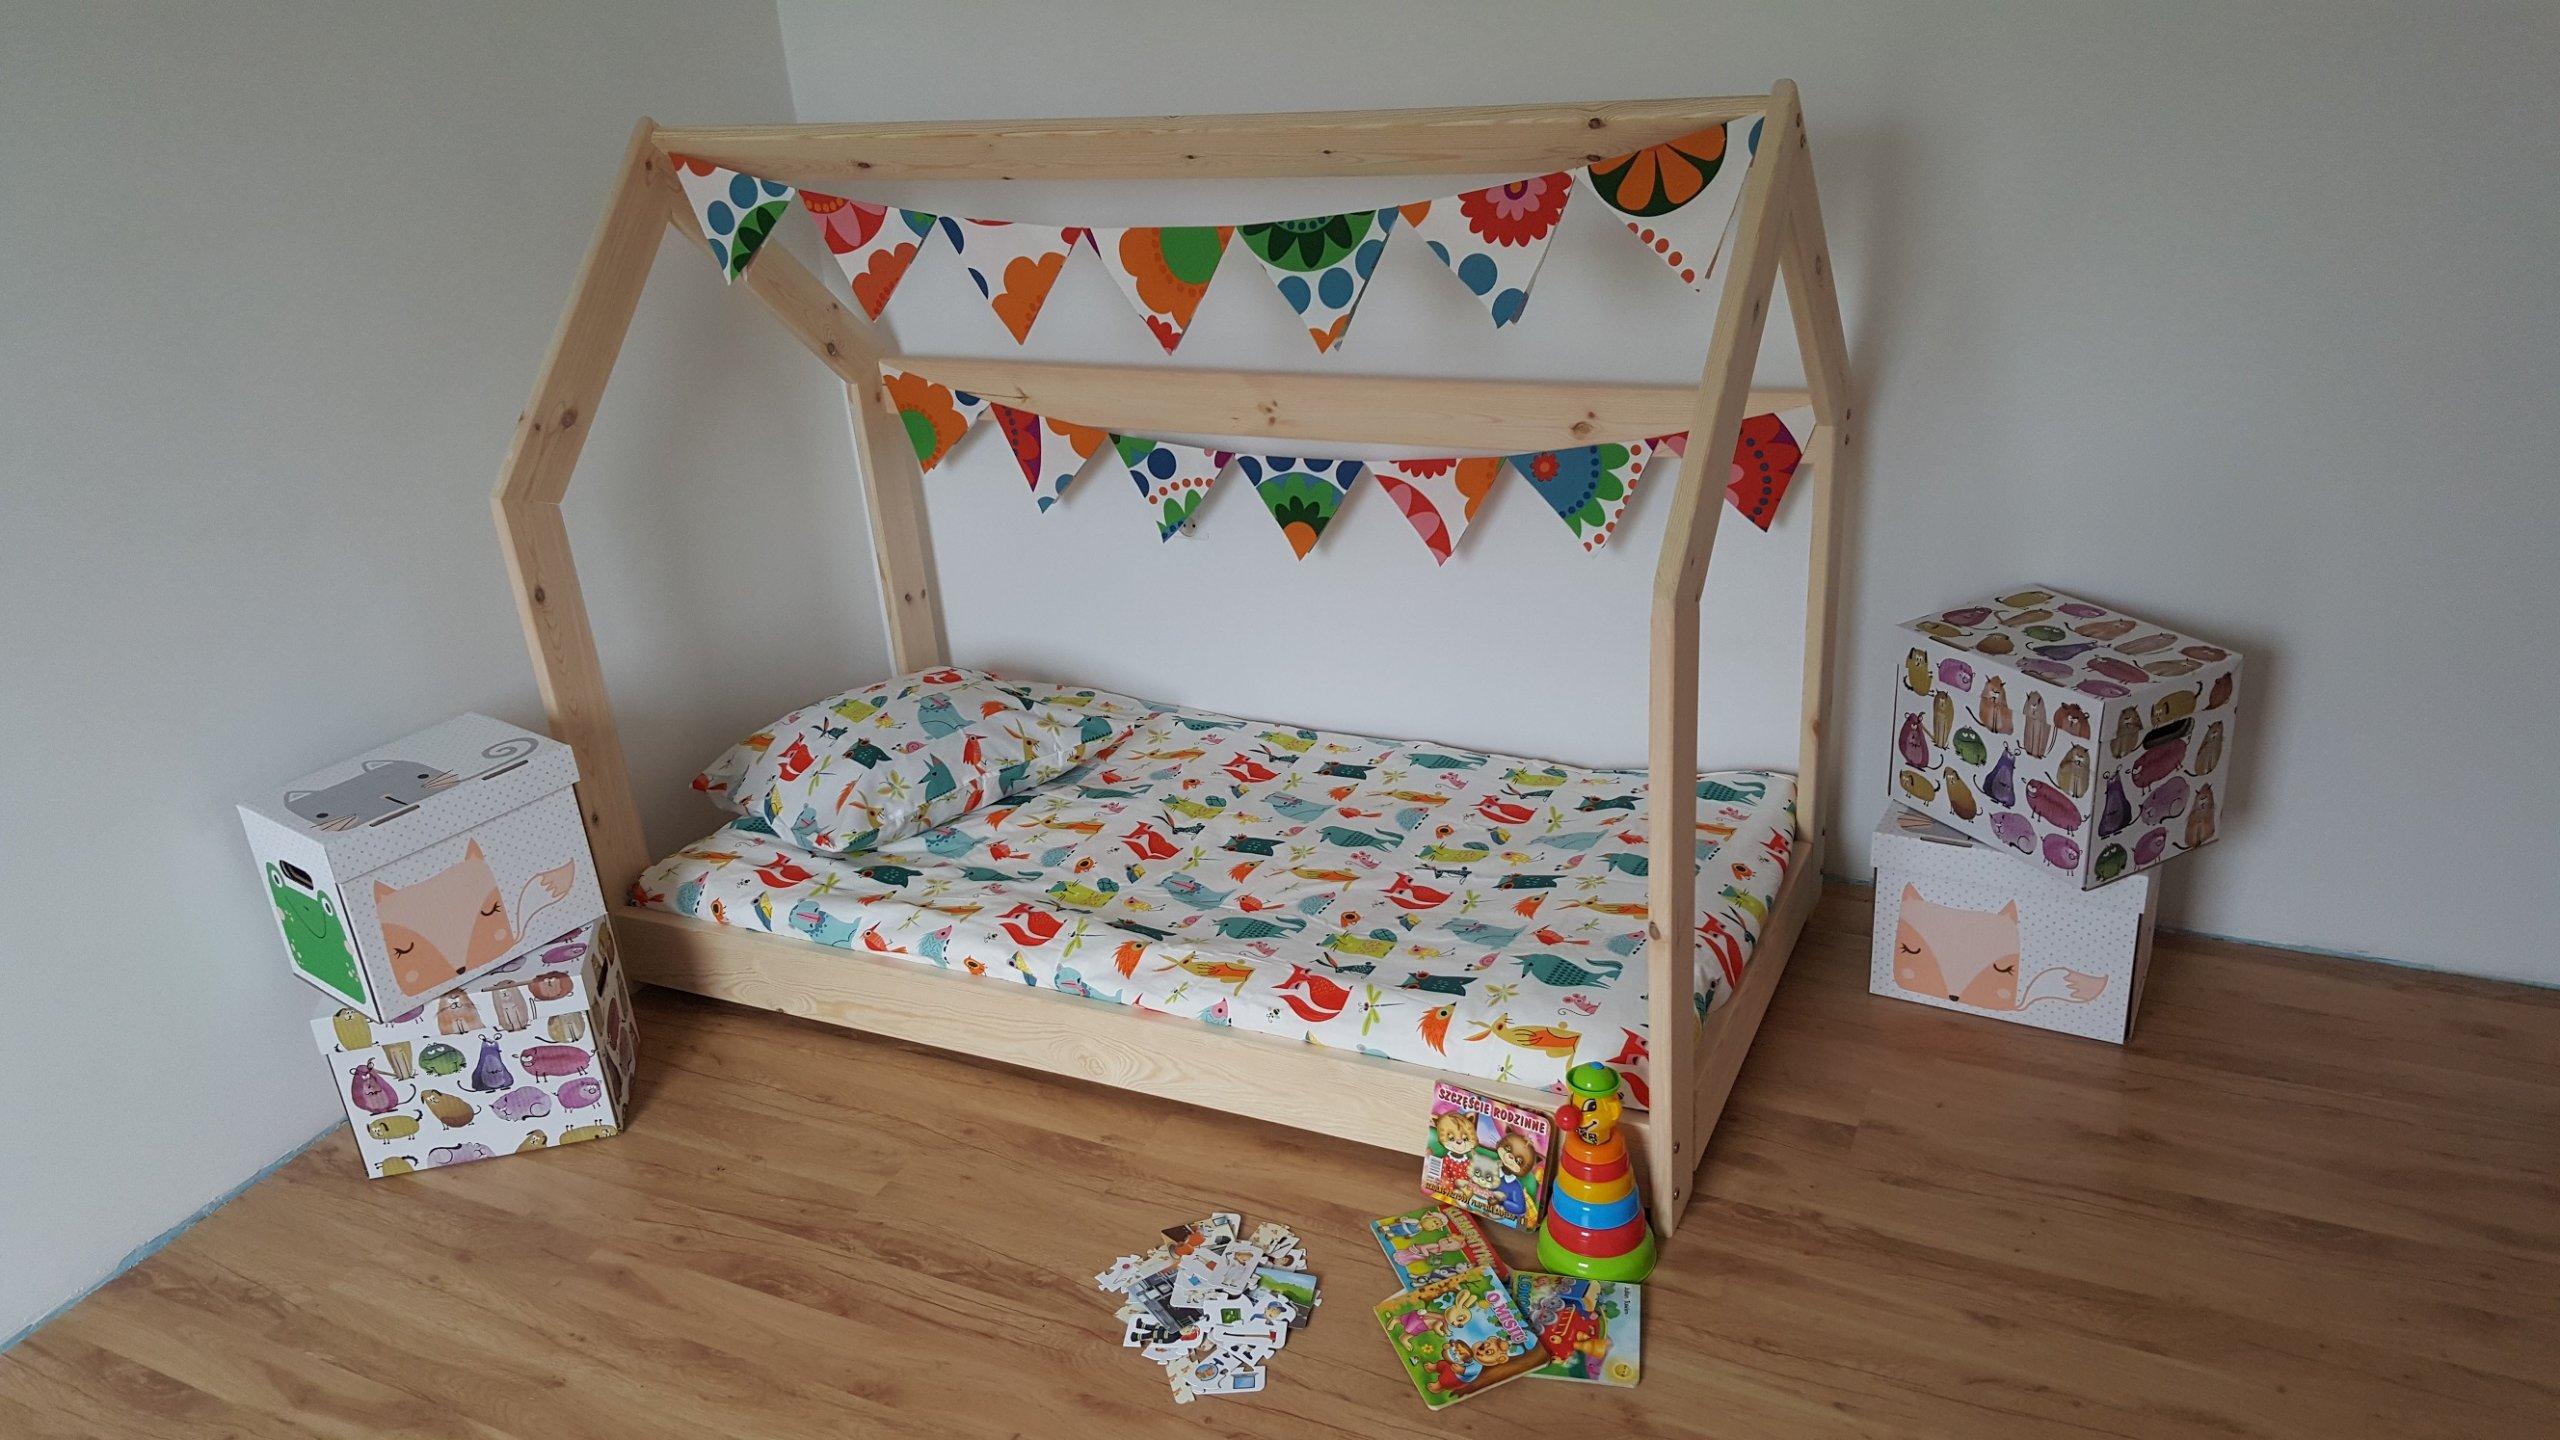 łóżko Domek 80x160 łóżeczko Dziecięce Drewniane 6968398841